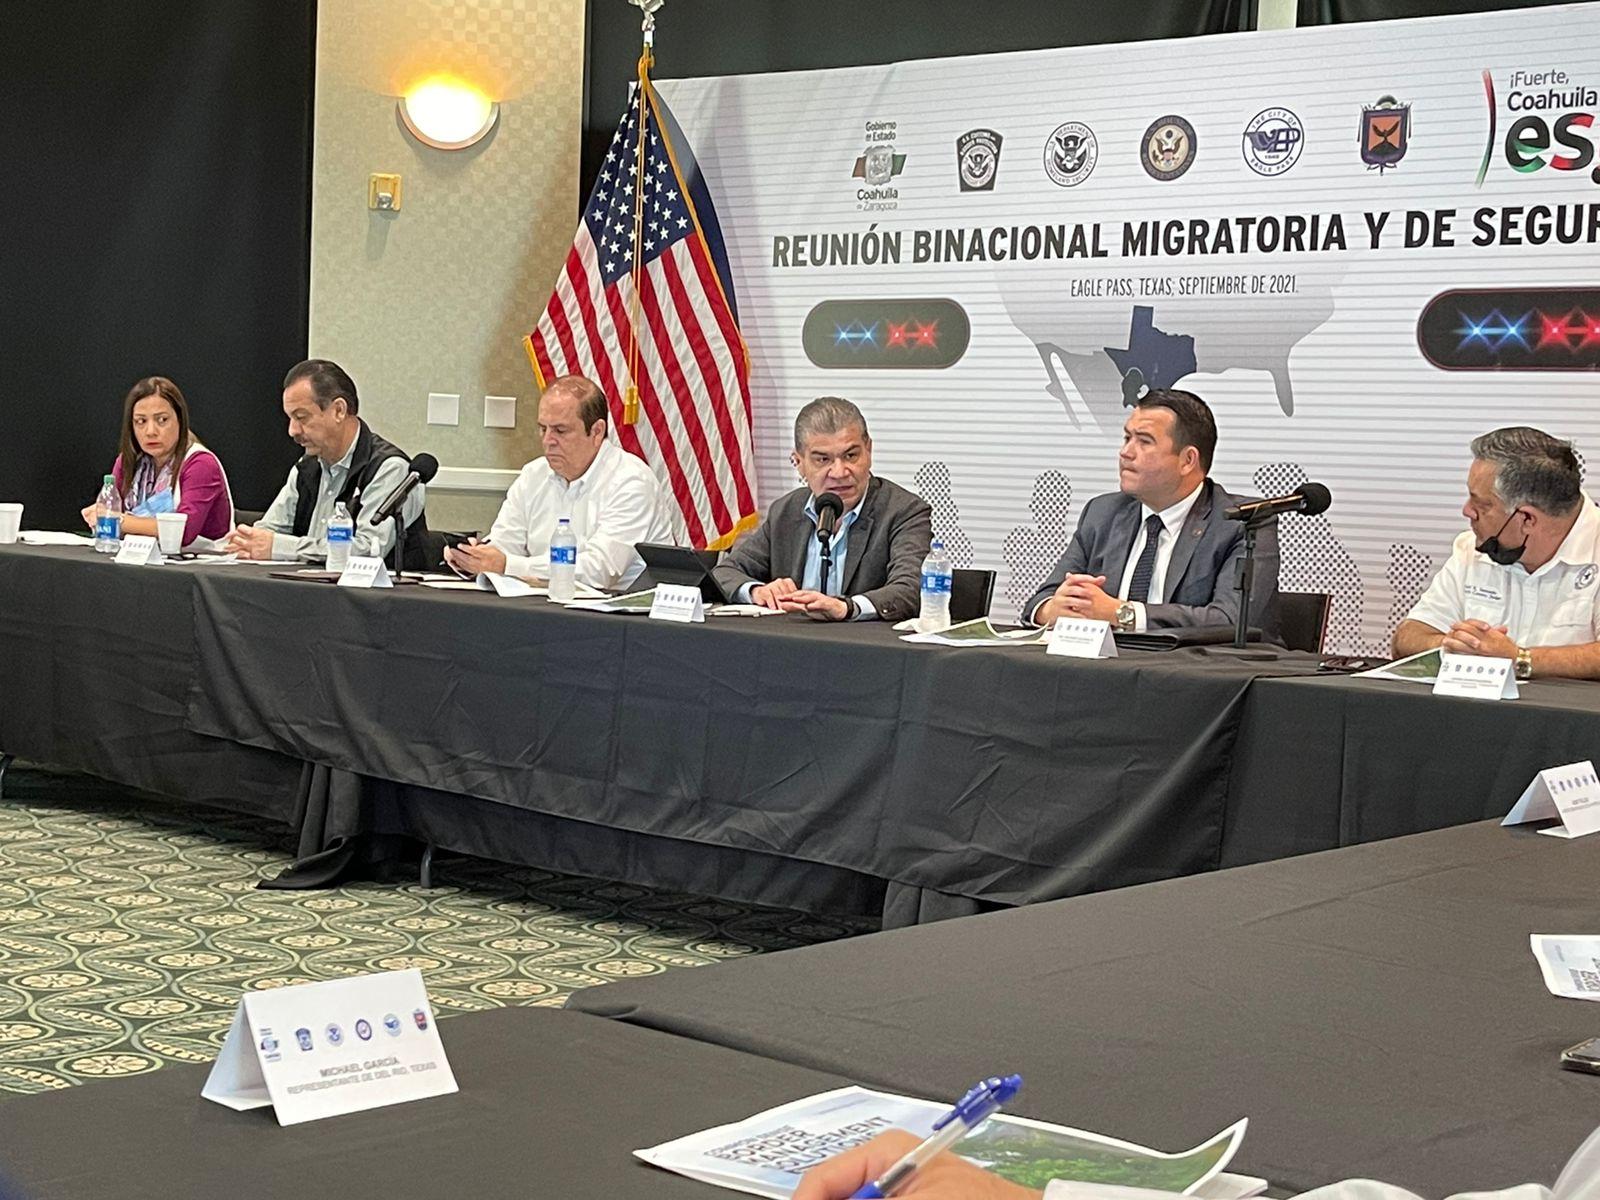 El gobierno de Coahuila y Texas acuerdan mesa operativa para tratar tema migratorio